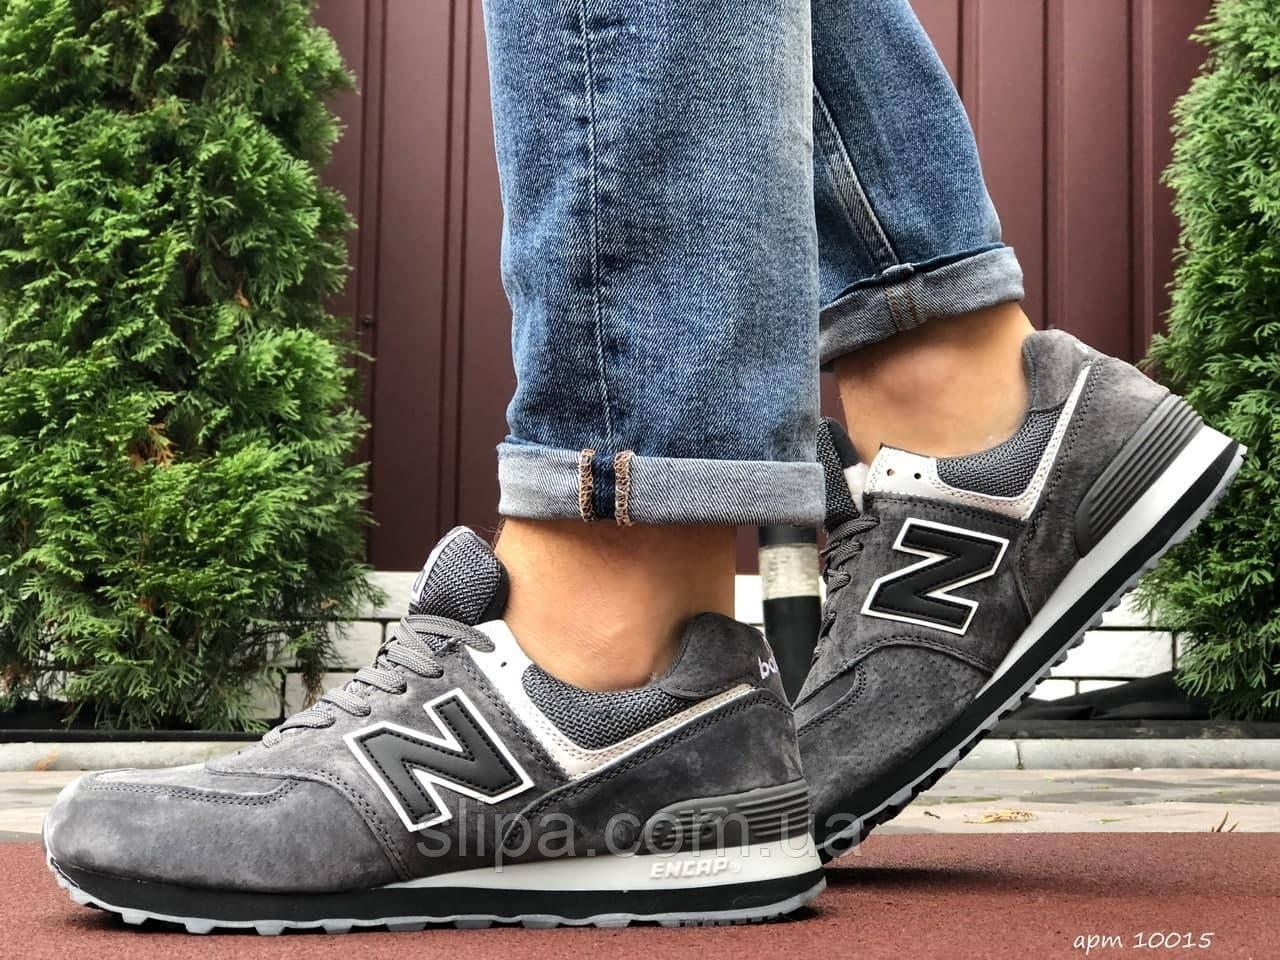 Чоловічі зимові замшеві кросівки New Balance 574 сірі з чорним